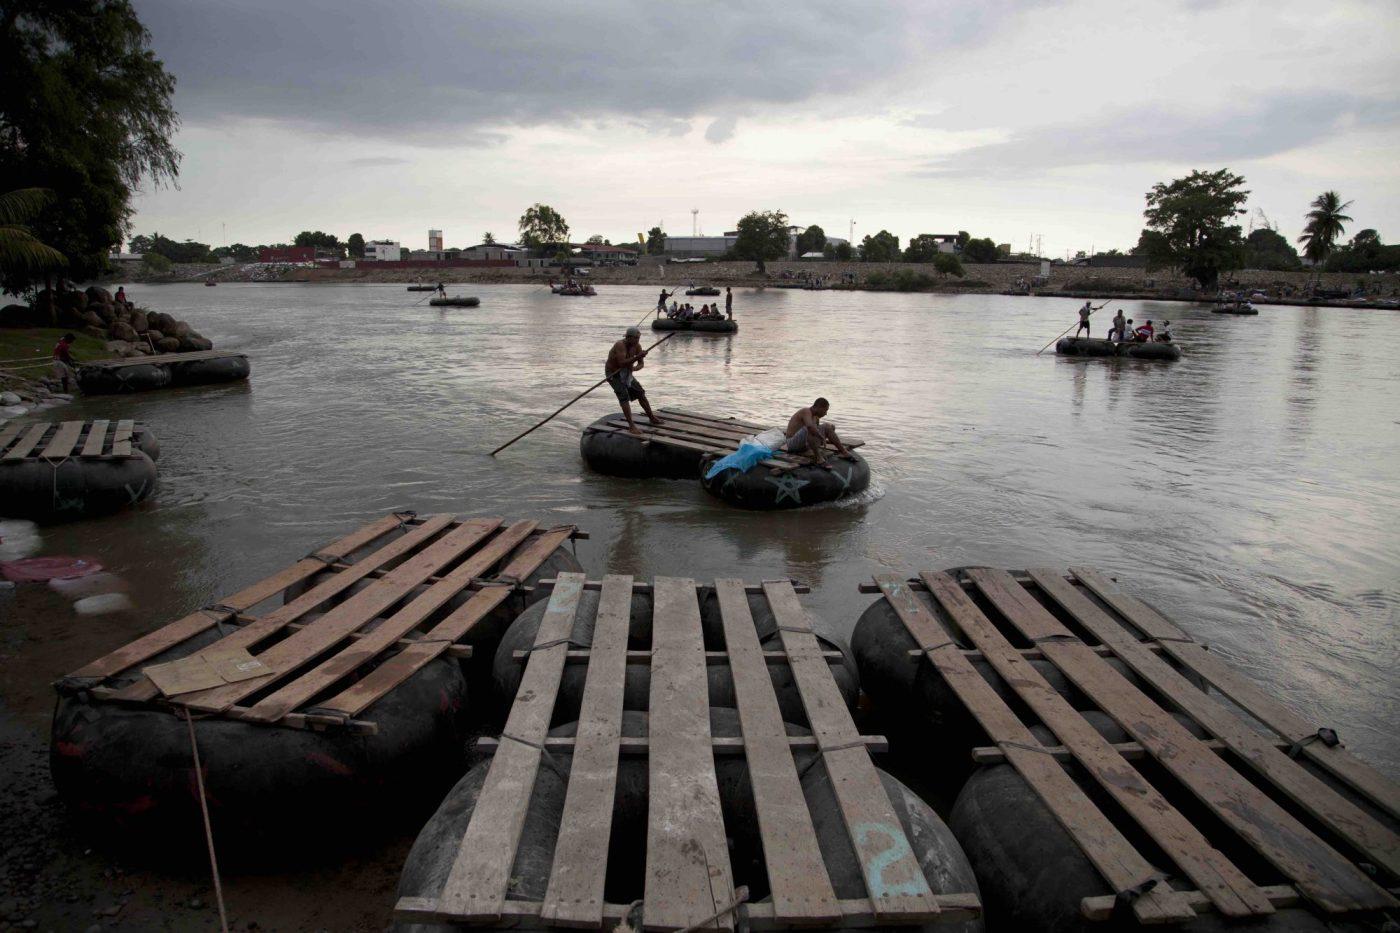 Trabajadores guatemaltecos transportan a migrantes centroamericanos en su camino hacia EE.UU. El río Suchiate, que divide Guatemala de México, es un paso en una de muchas rutas usadas por los migrantes.